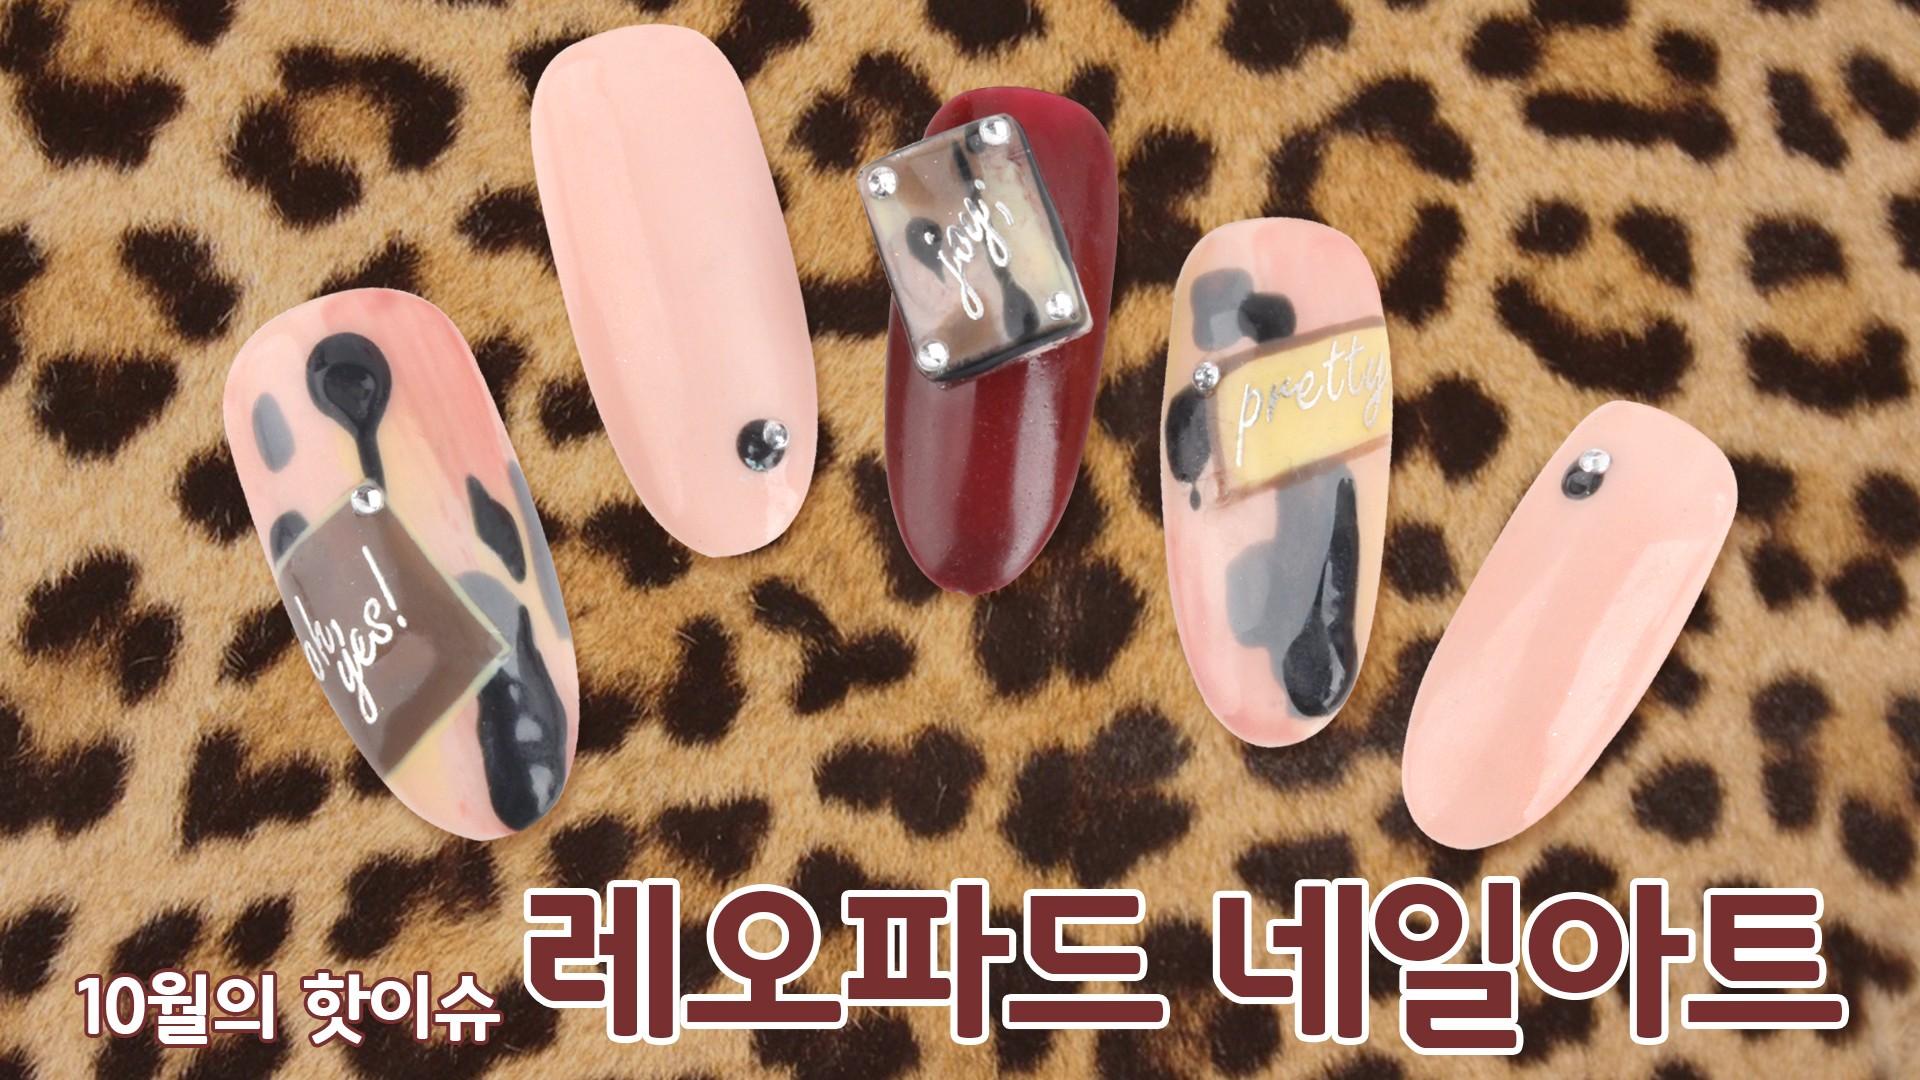 레오파드 네일 아트 / Leopard nail art